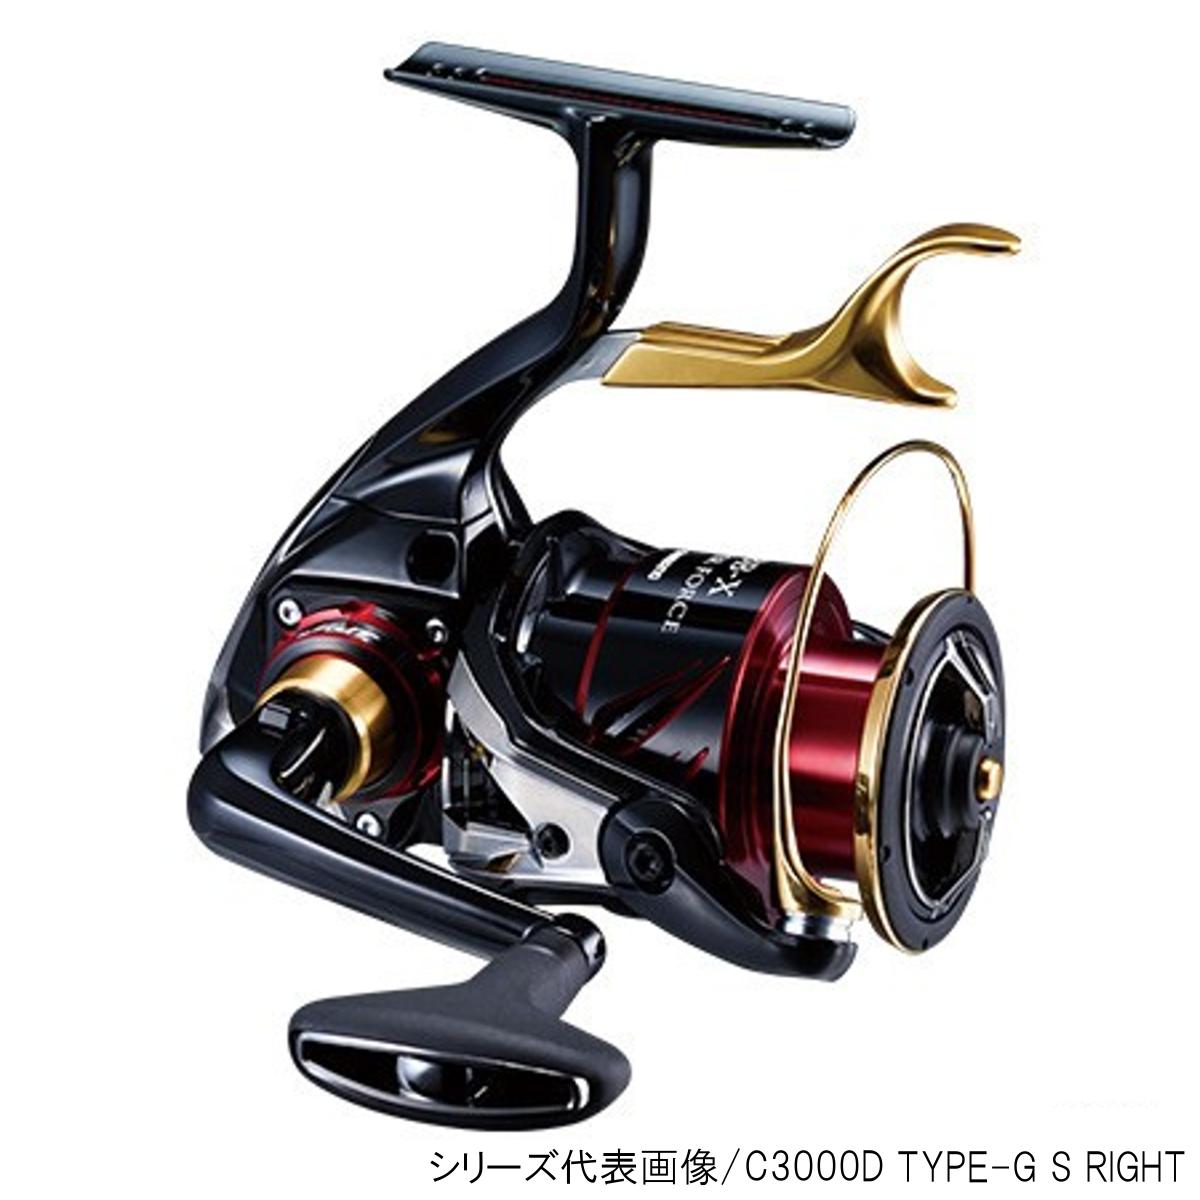 シマノ BB-X ハイパーフォース C3000DXXG S RIGHT